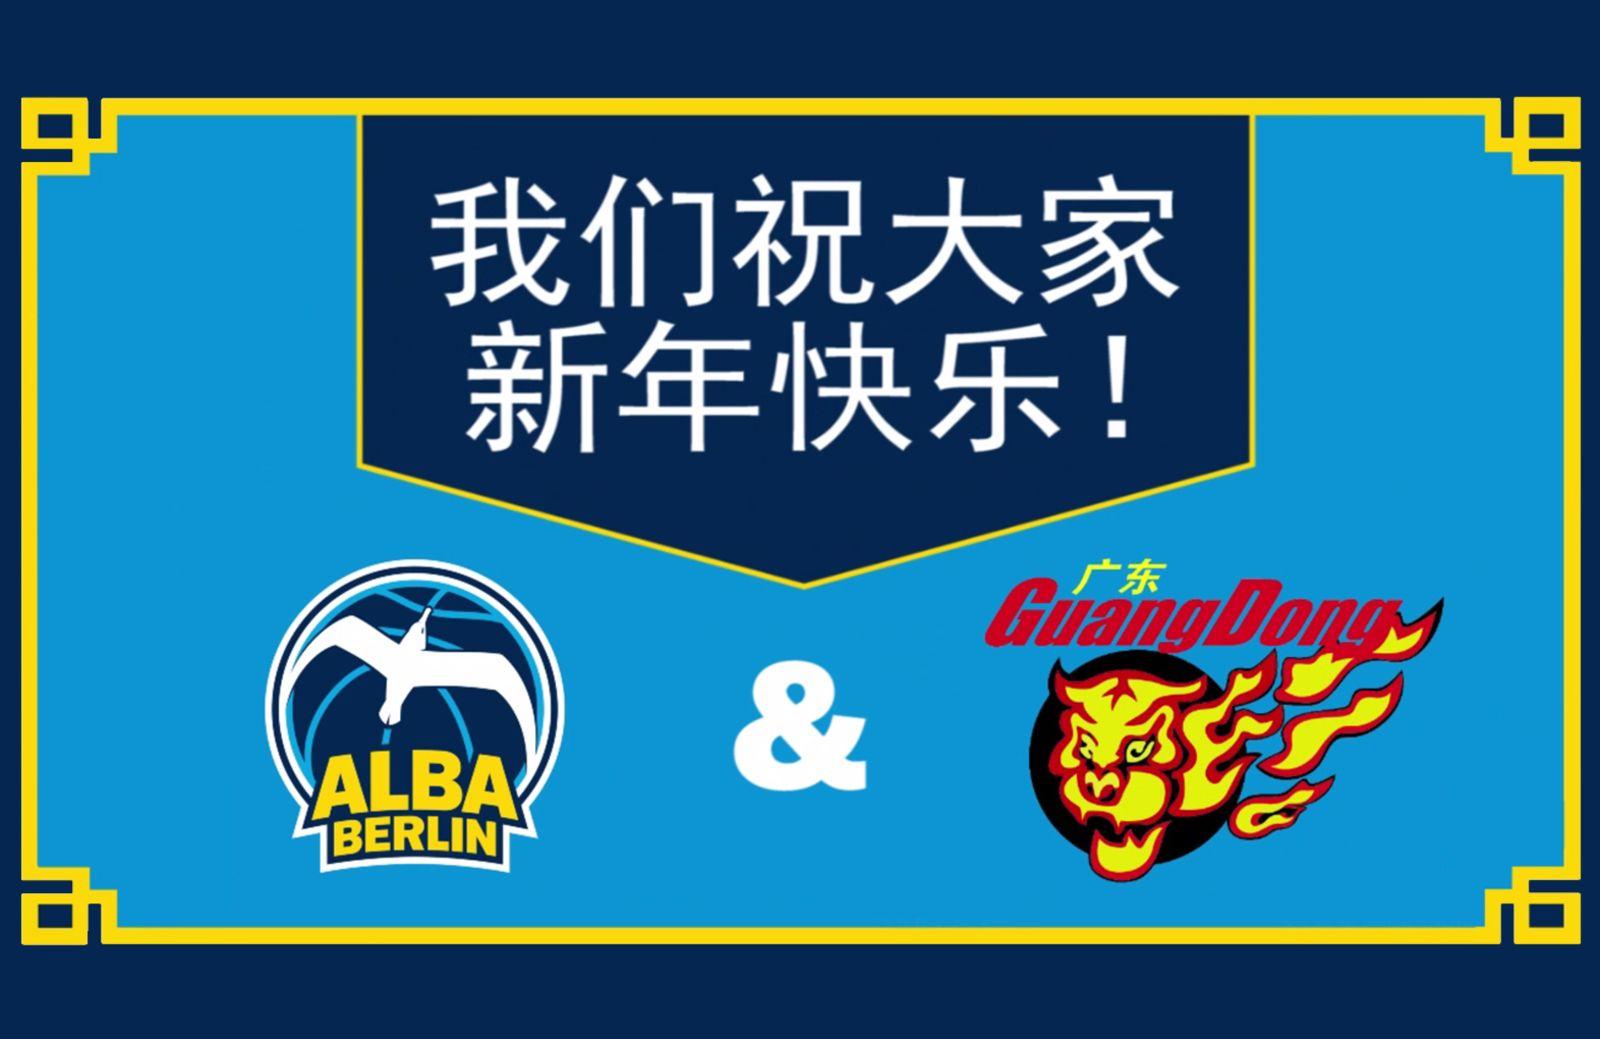 Video: ALBA wünscht alles Gute zum chinesischen Neujahr! - ALBA Berlin